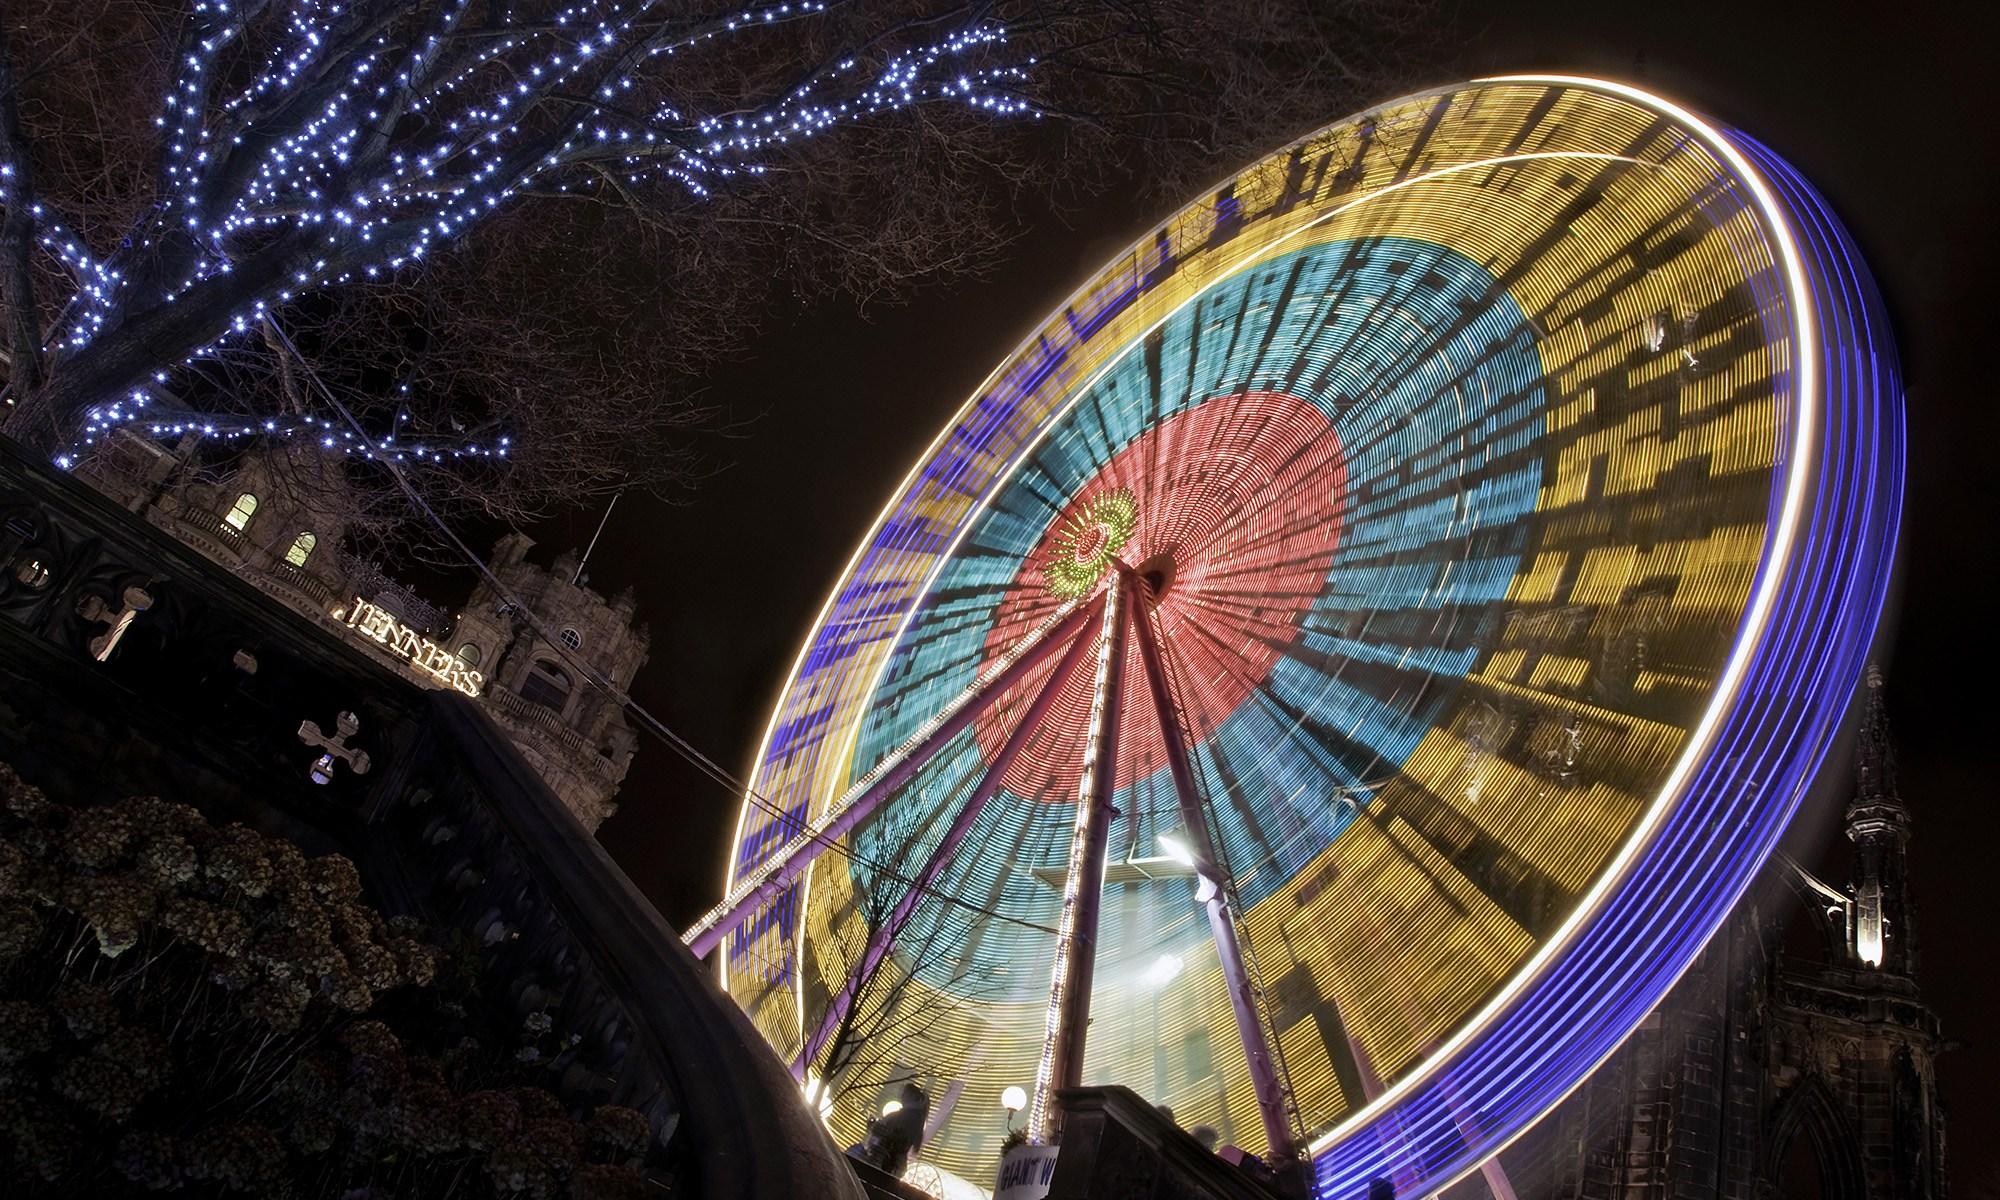 Edinburgh's Big Wheel at Night